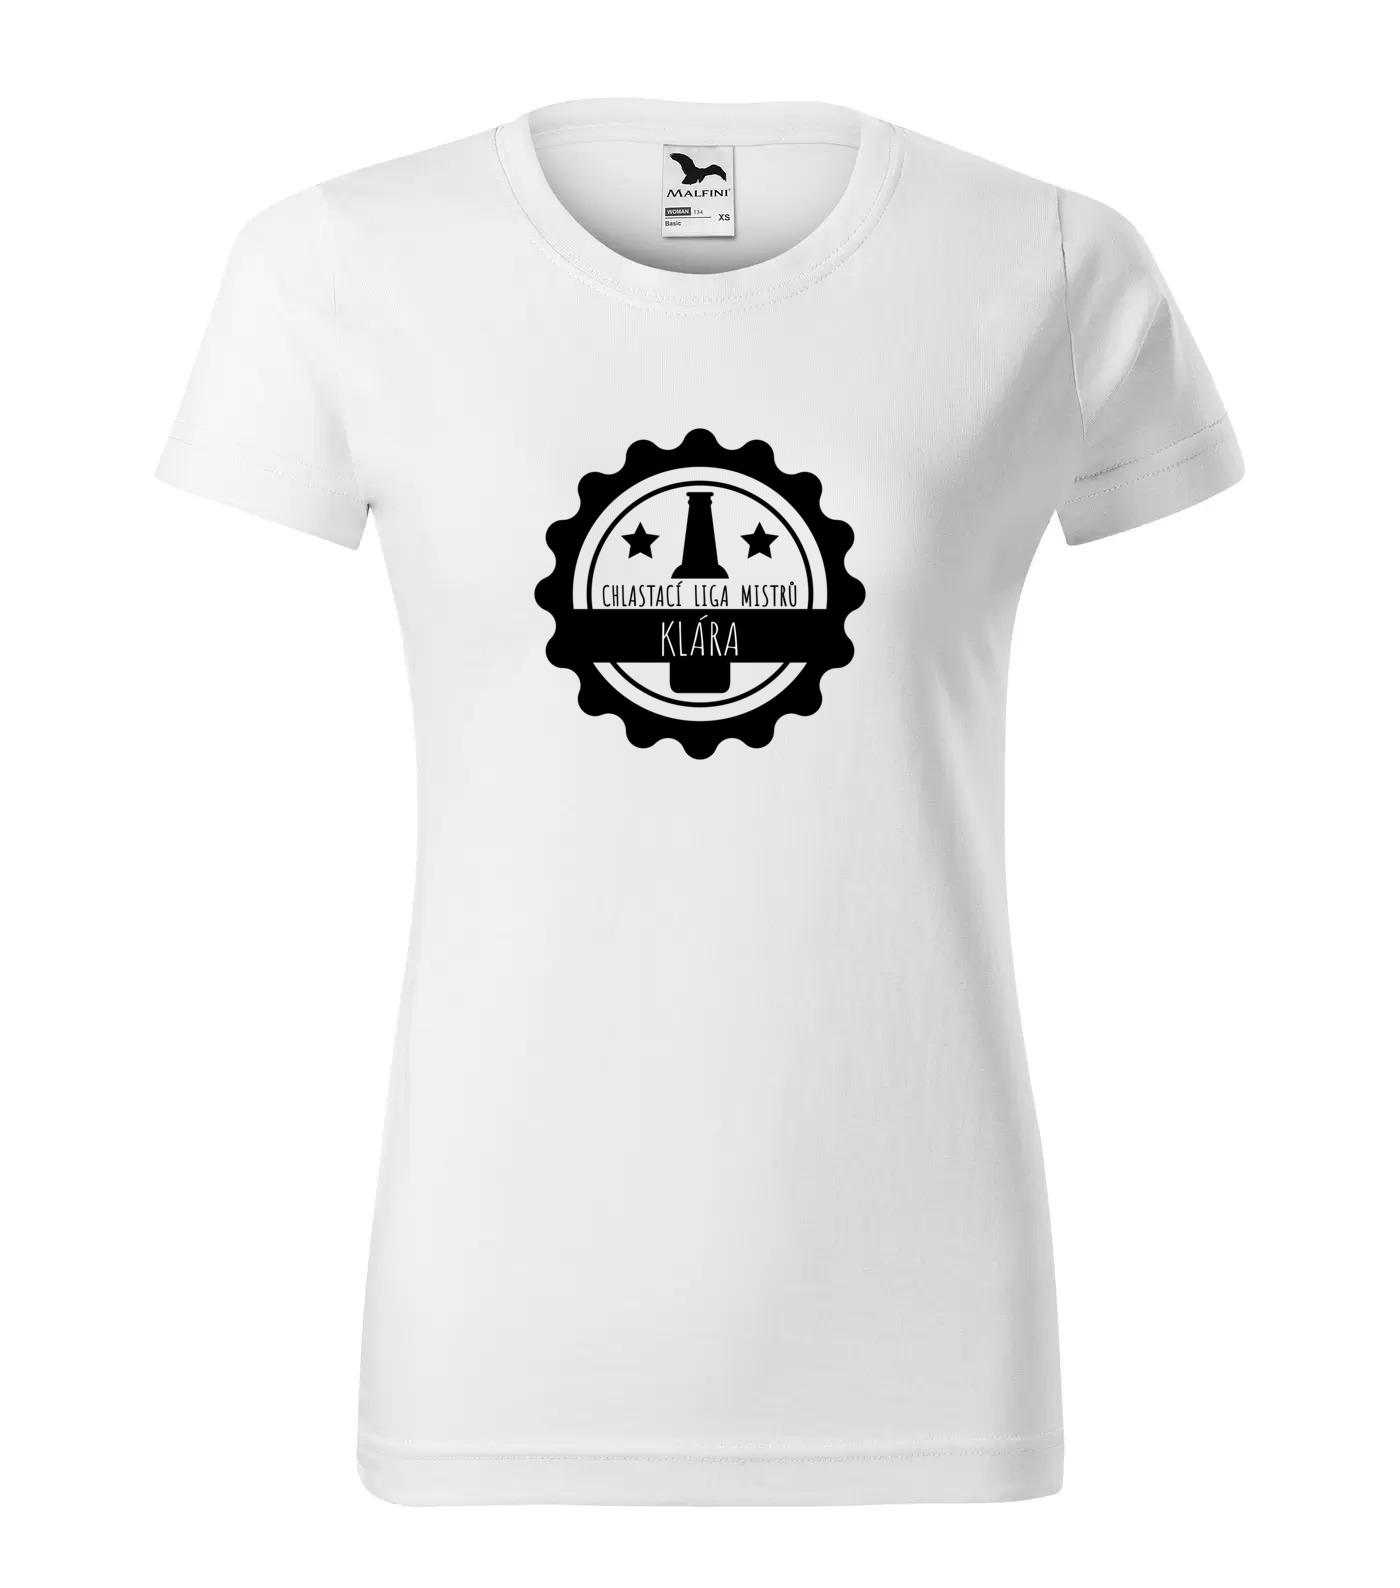 Tričko Chlastací liga žen Klára